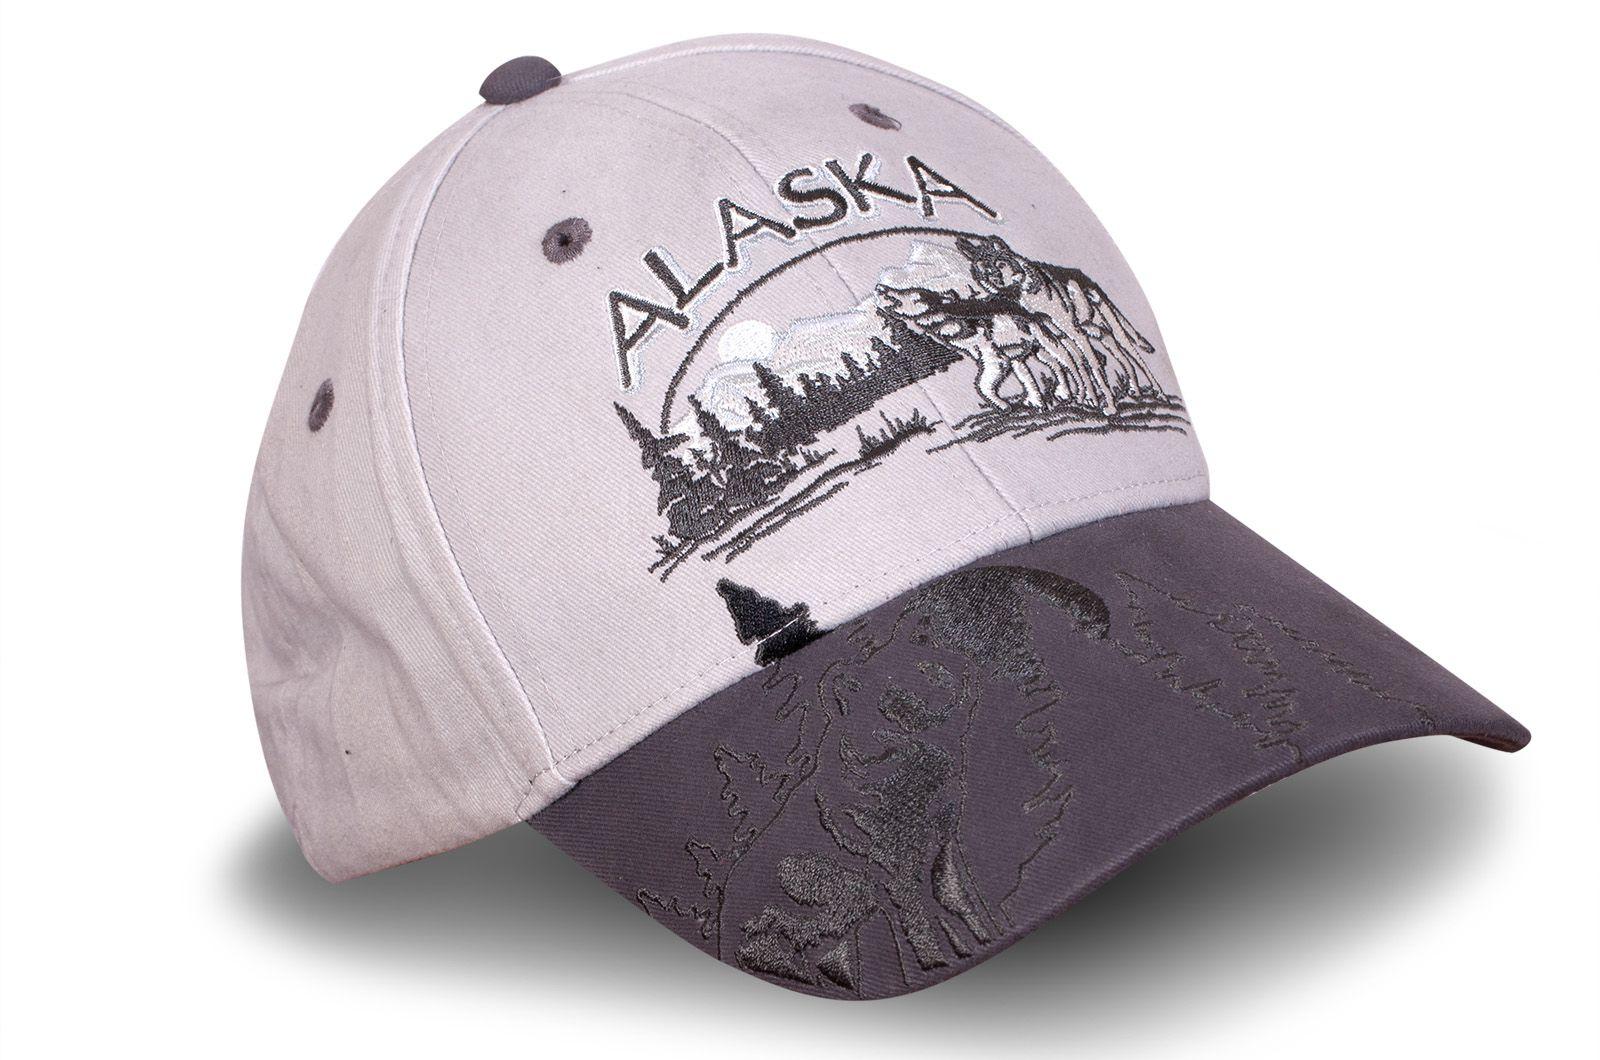 Кепка Аляска вышивкой - купить в интернет-магазине с доставкой